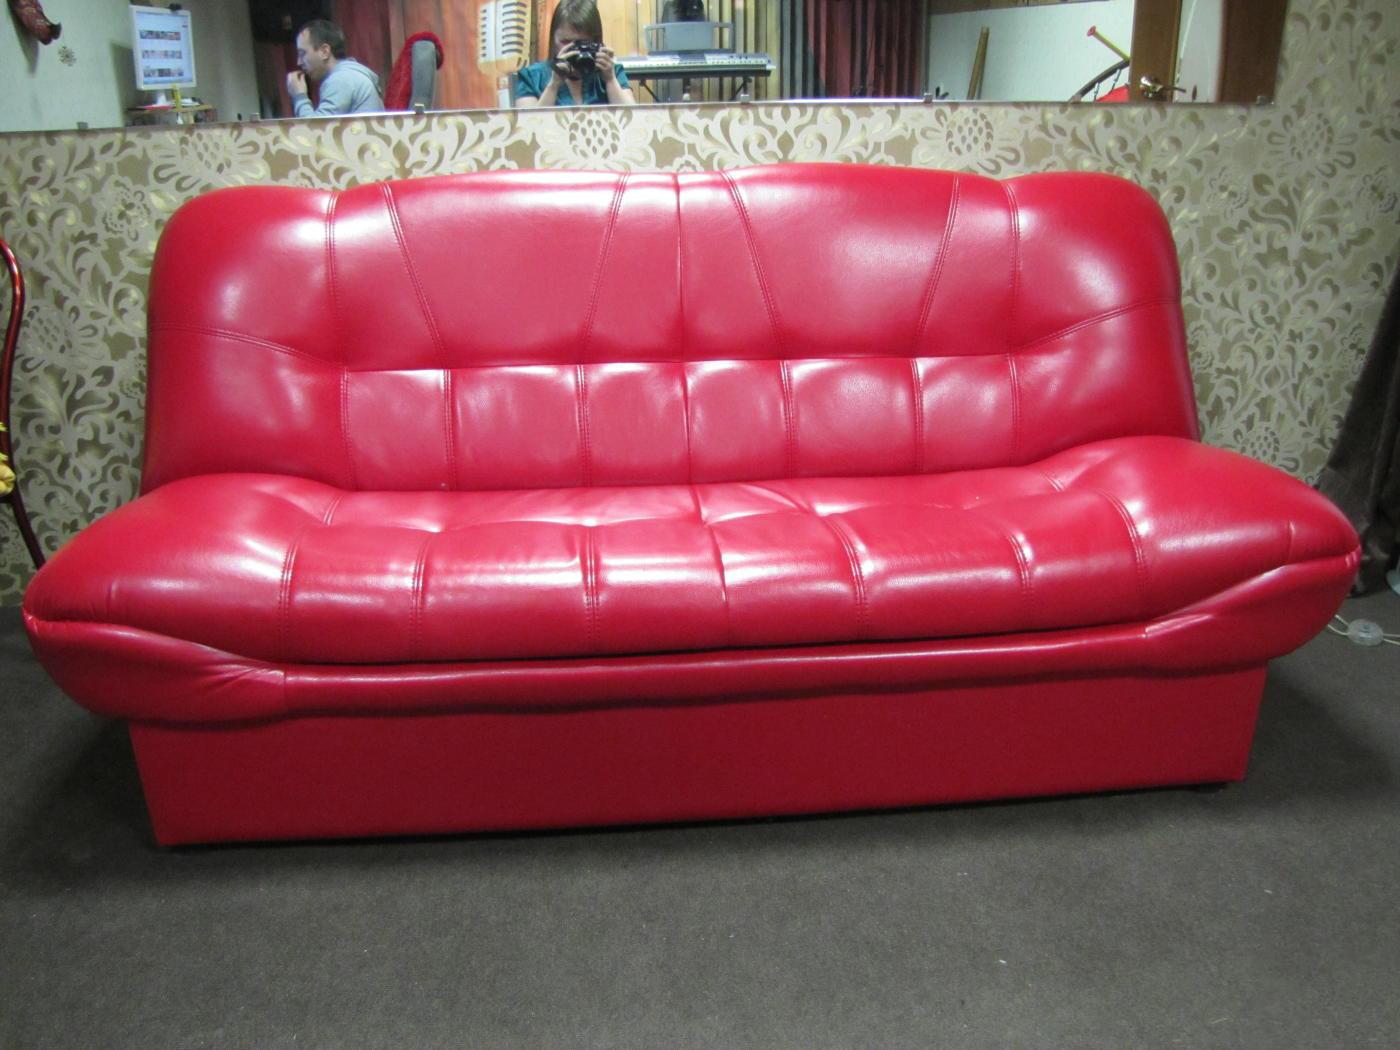 eeb6a98e7a46 Сегодня производители мебели предлагают самые разные варианты заменителя  кожи для обивки диванов. Среди них: